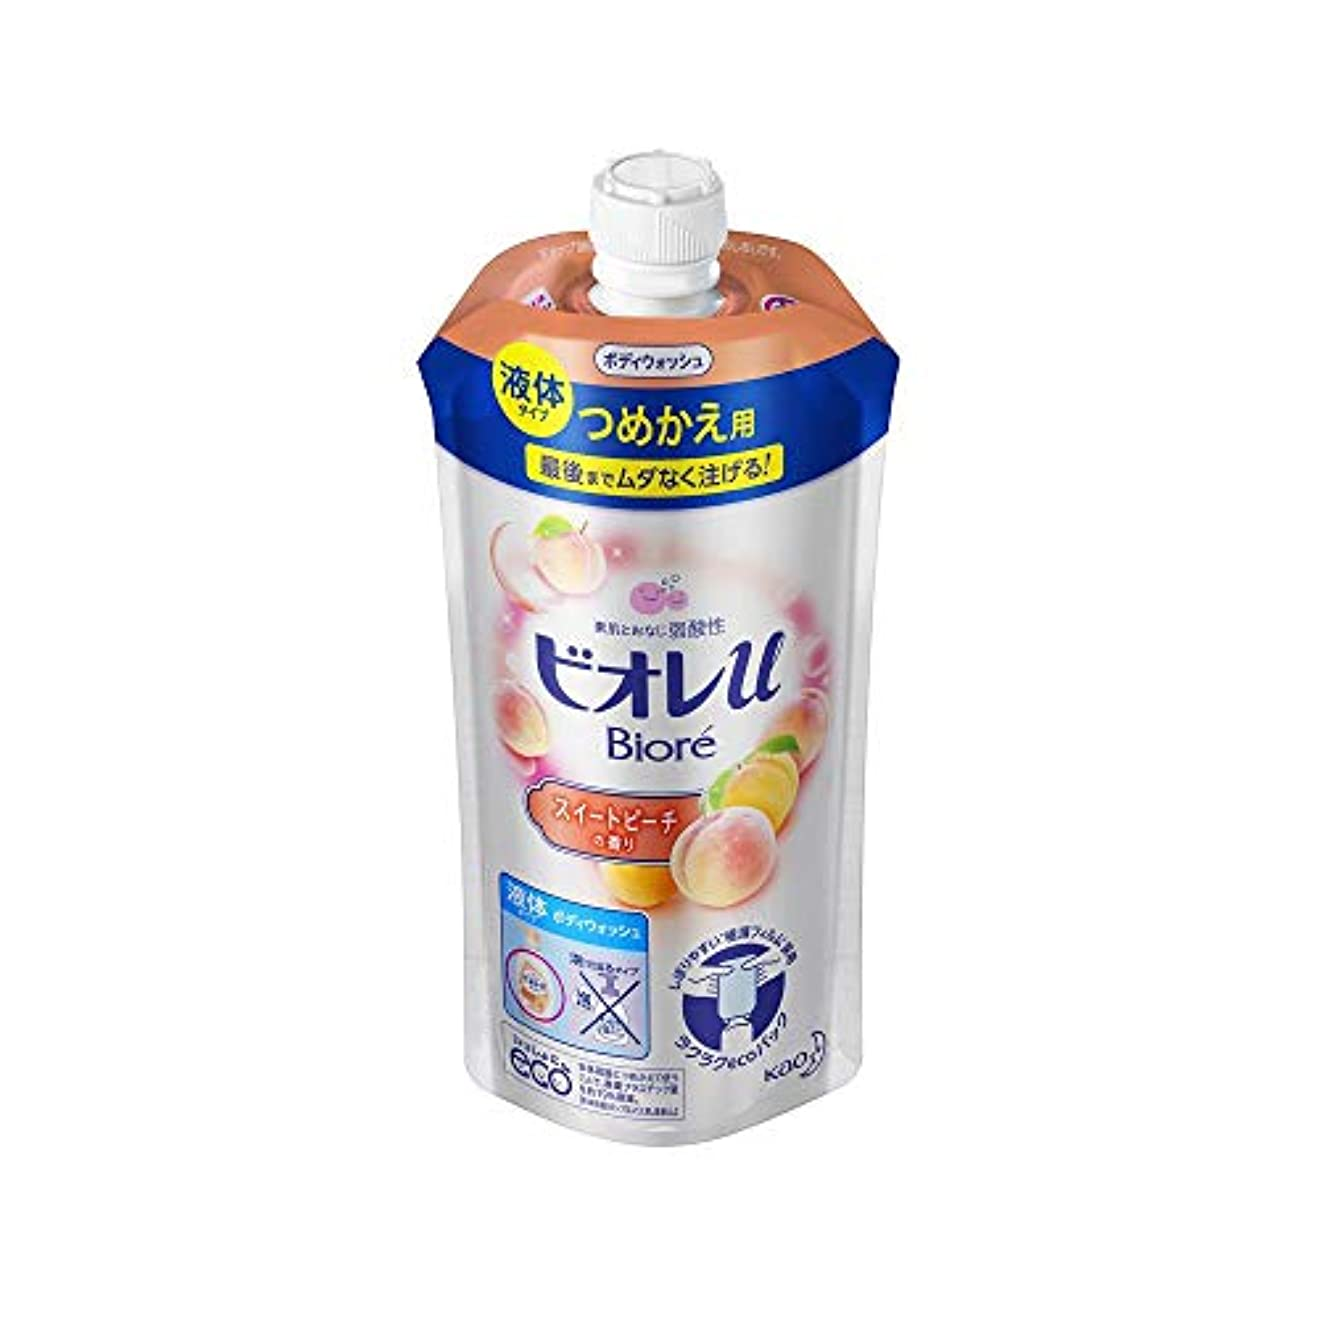 ミネラルリフト郵便物花王 ビオレu スイートピーチの香りつめかえ用 340ML